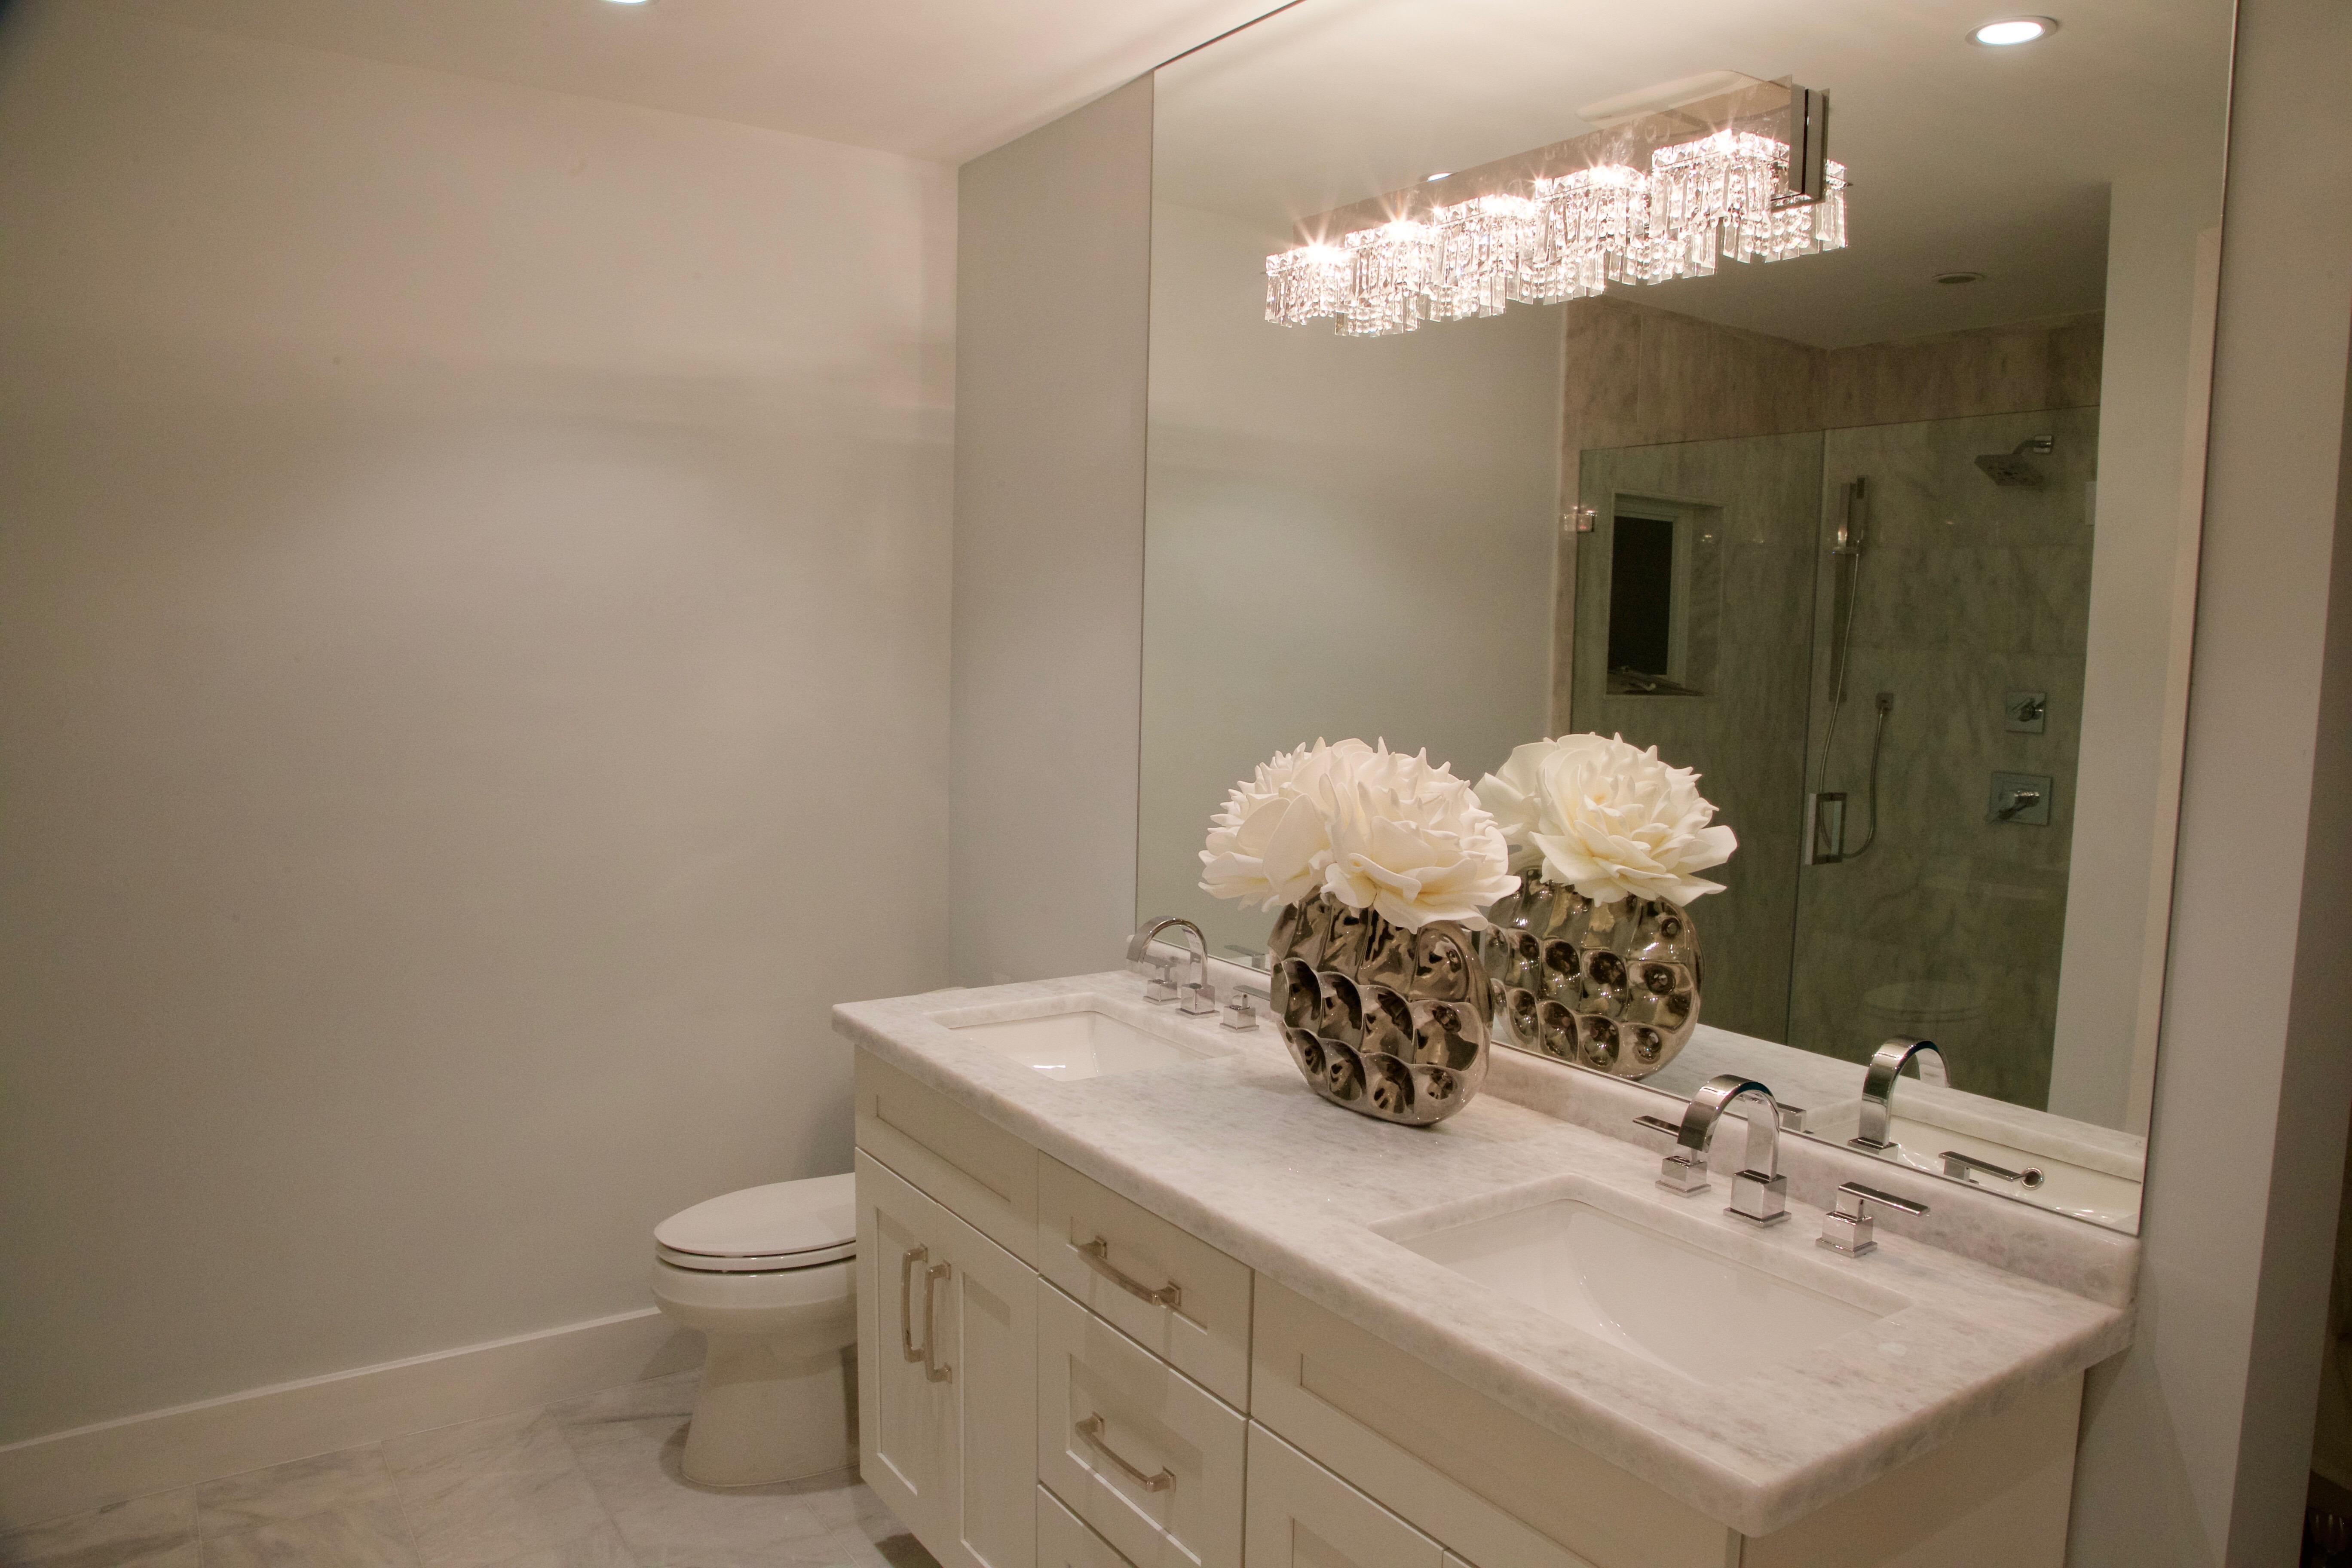 New bathroom remodeling for Venetian plaster bathroom ideas